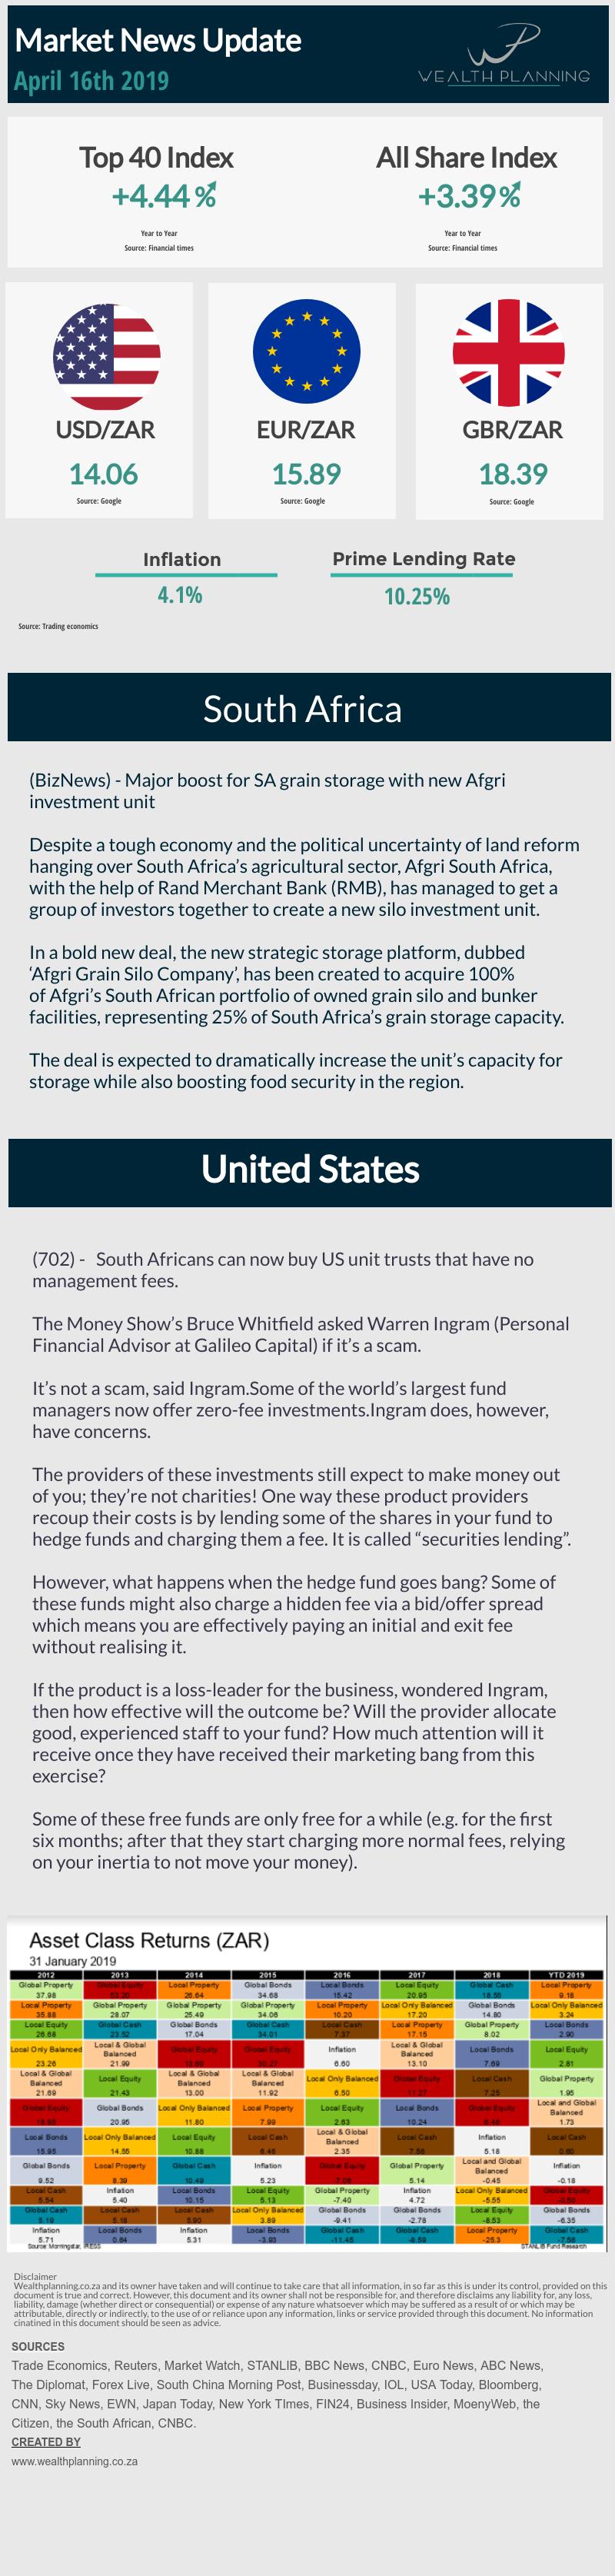 Market-News-Update (1).png